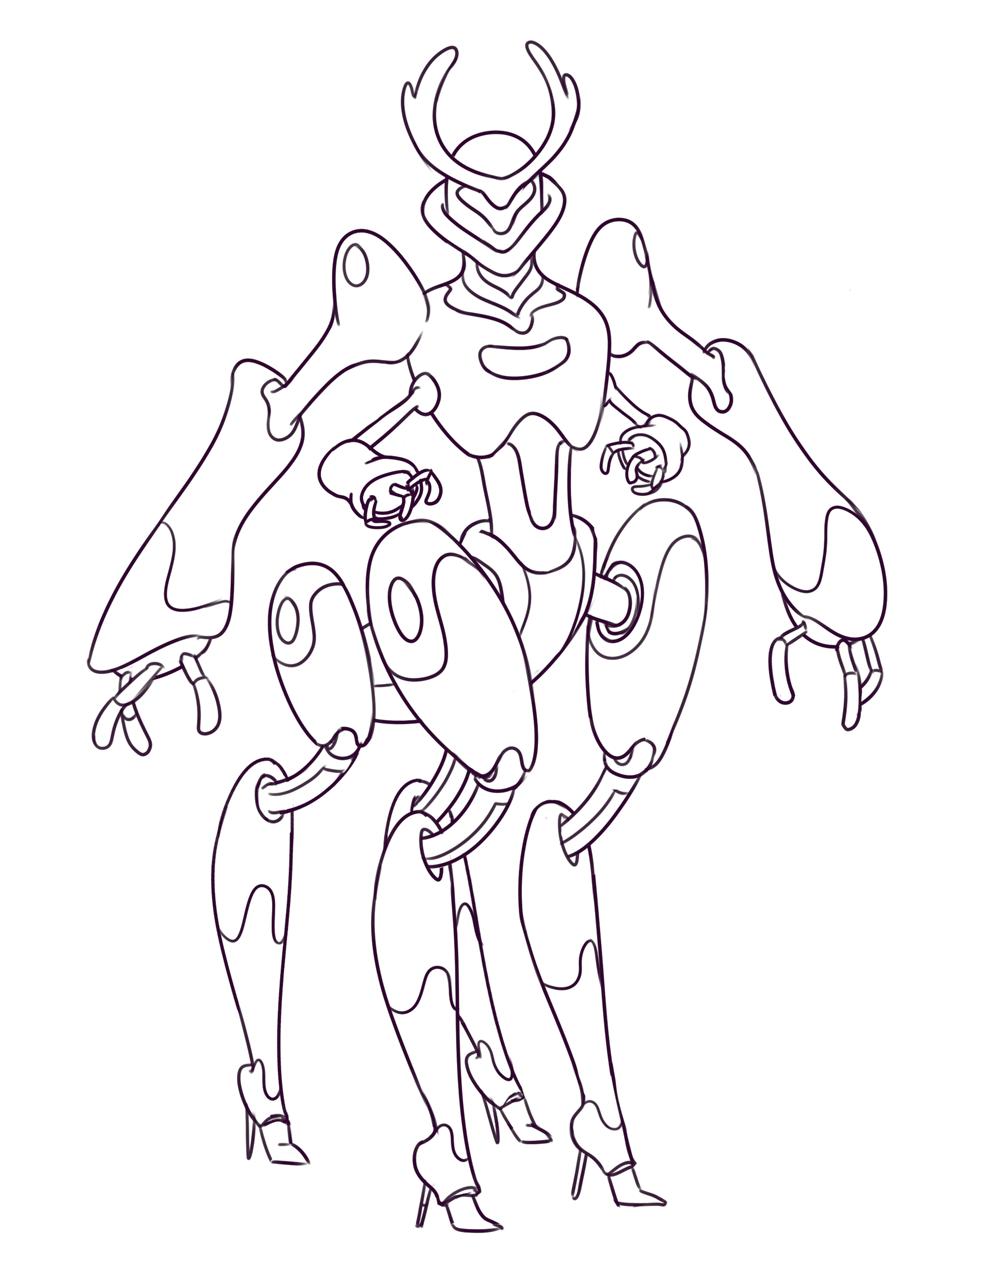 Bug mech lineart by Smirking Raven